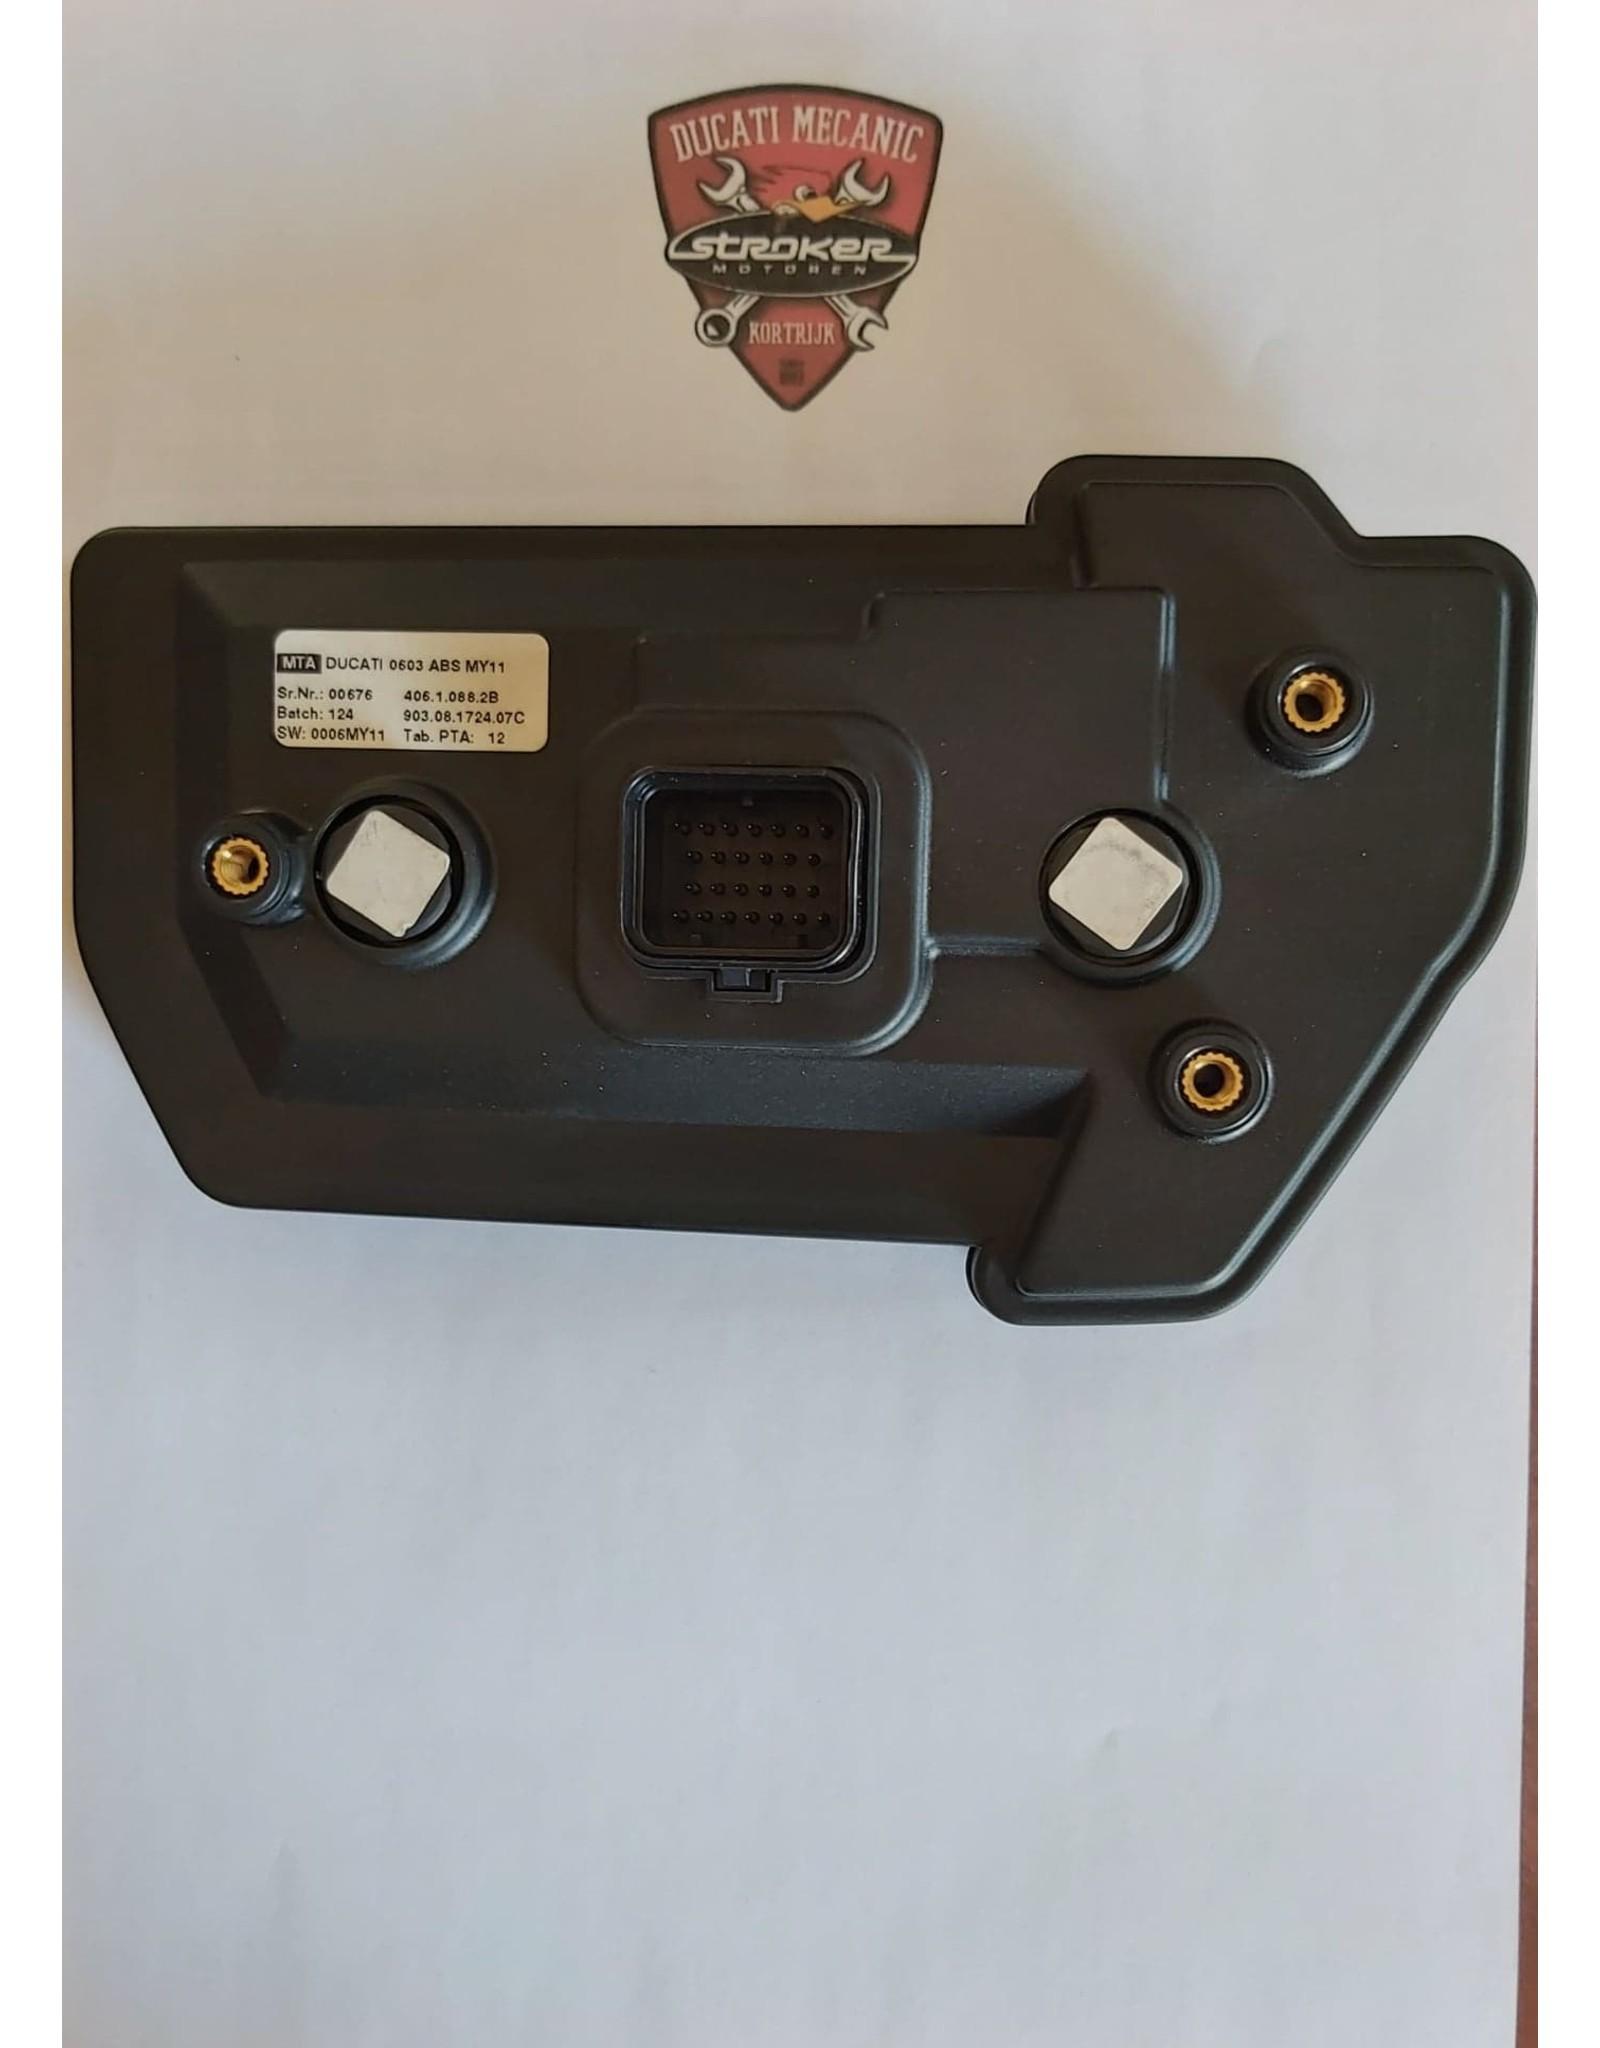 Ducati  DASHBOARD MTS1200 ABS 40610882B